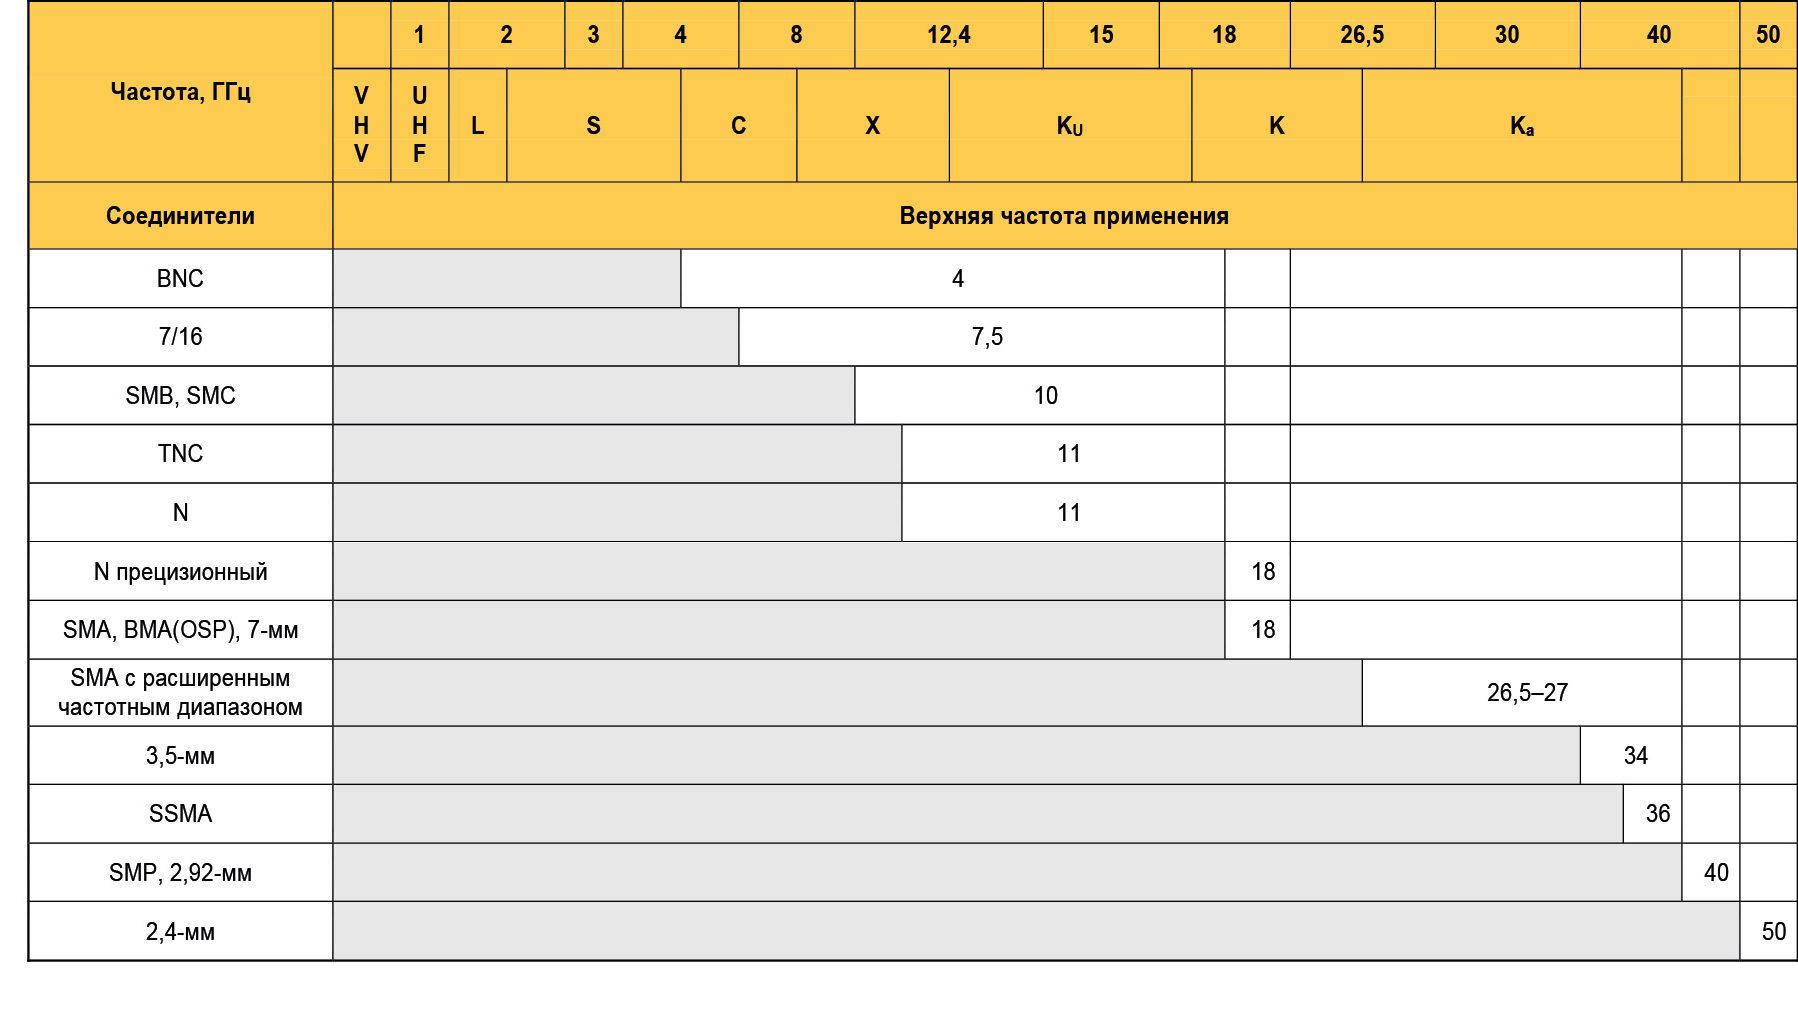 Верхняя частота применения зарубежных соединителей